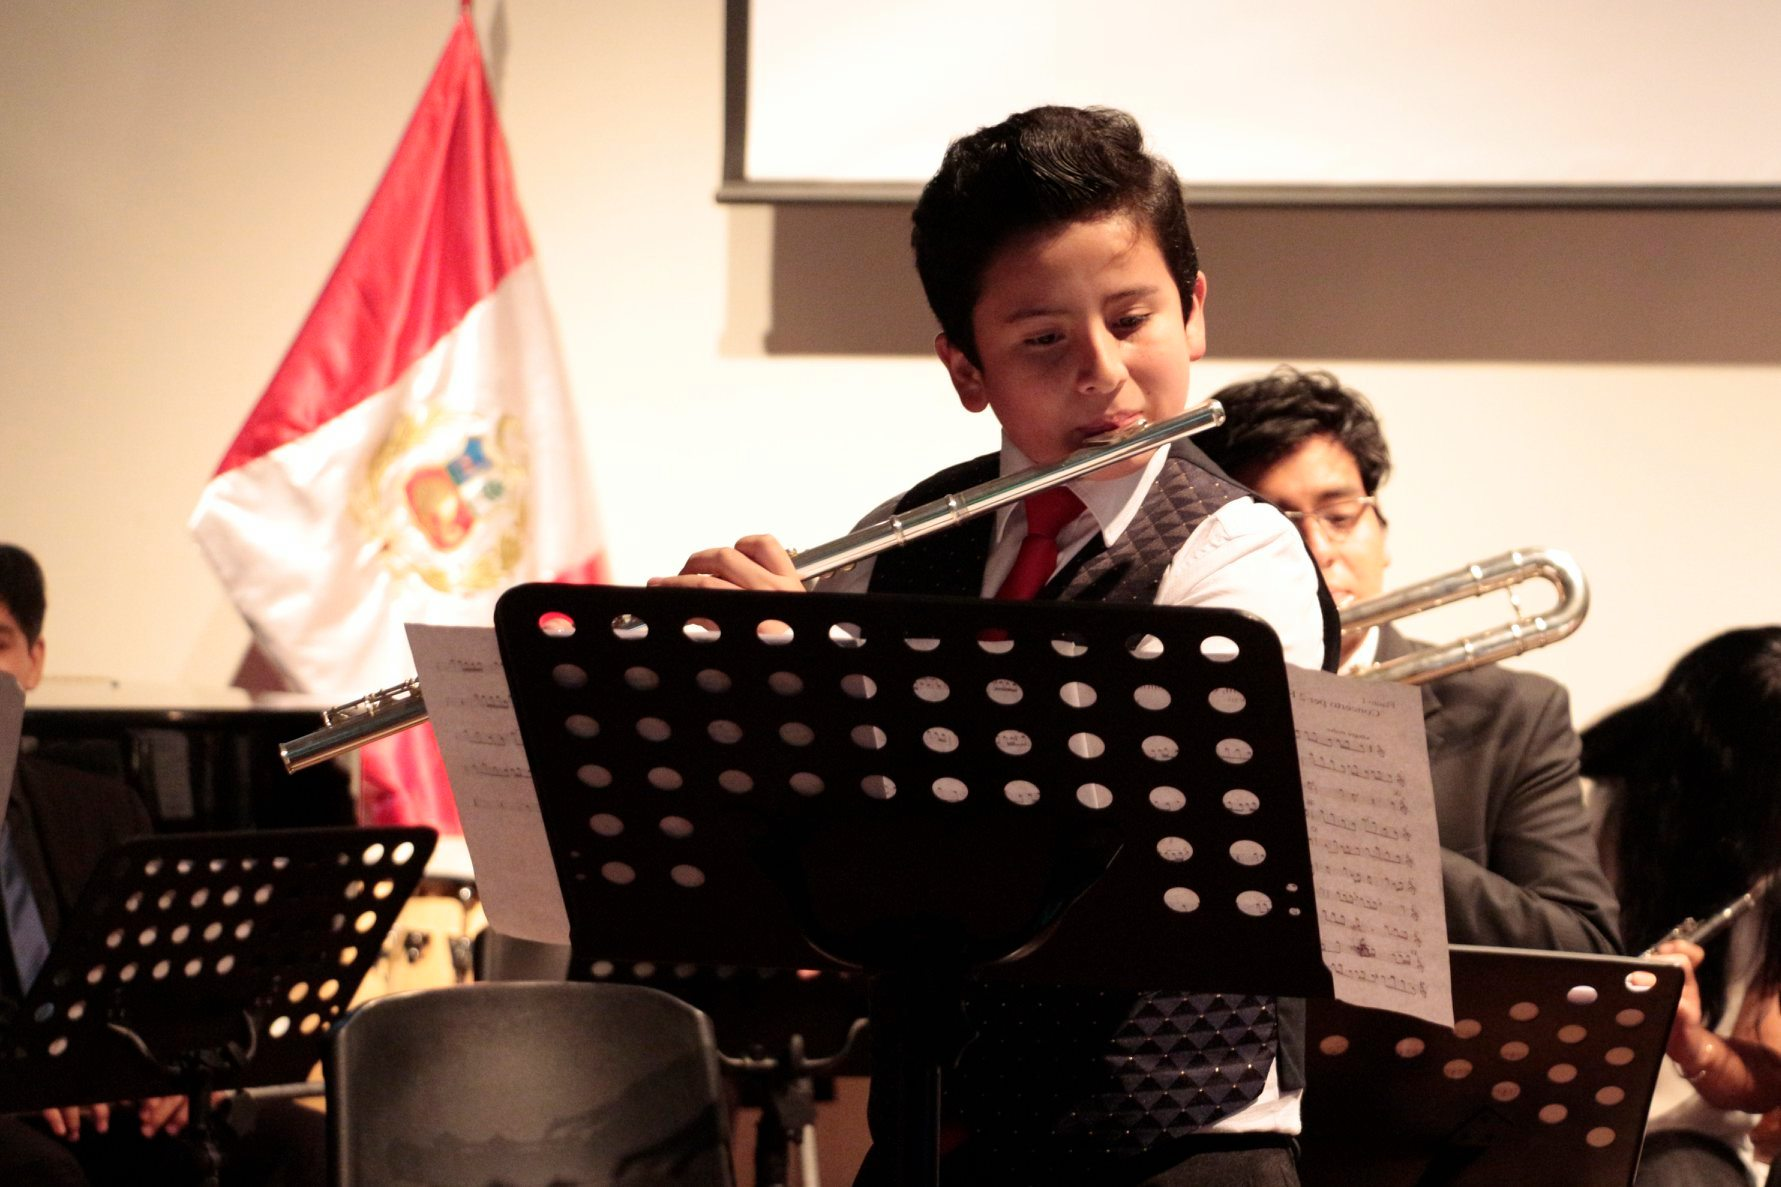 Tiago concierto 2